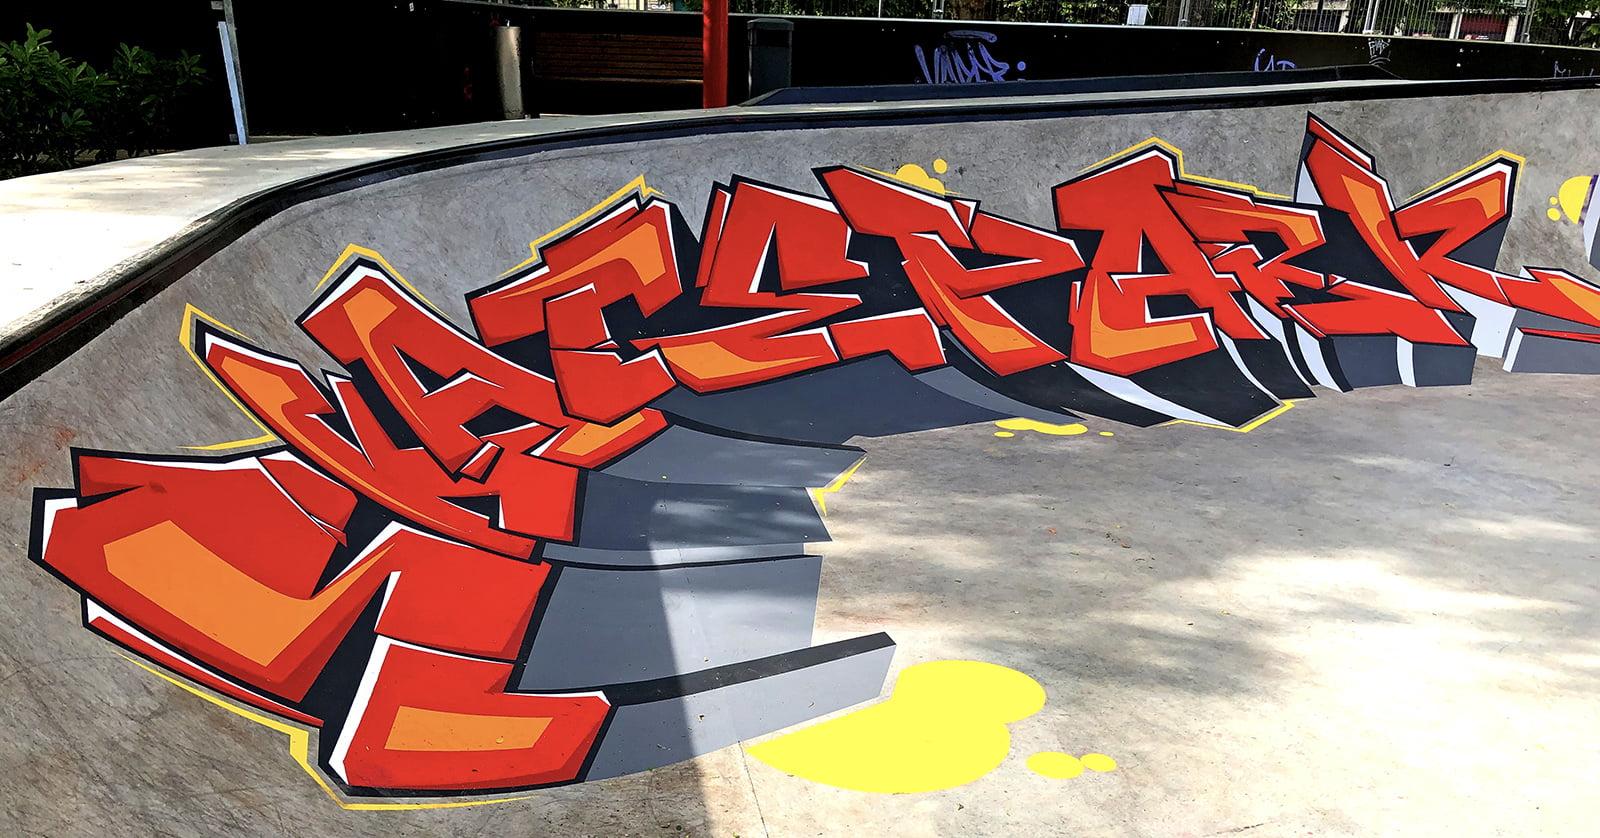 Neopaint – Skatepark Graffiti